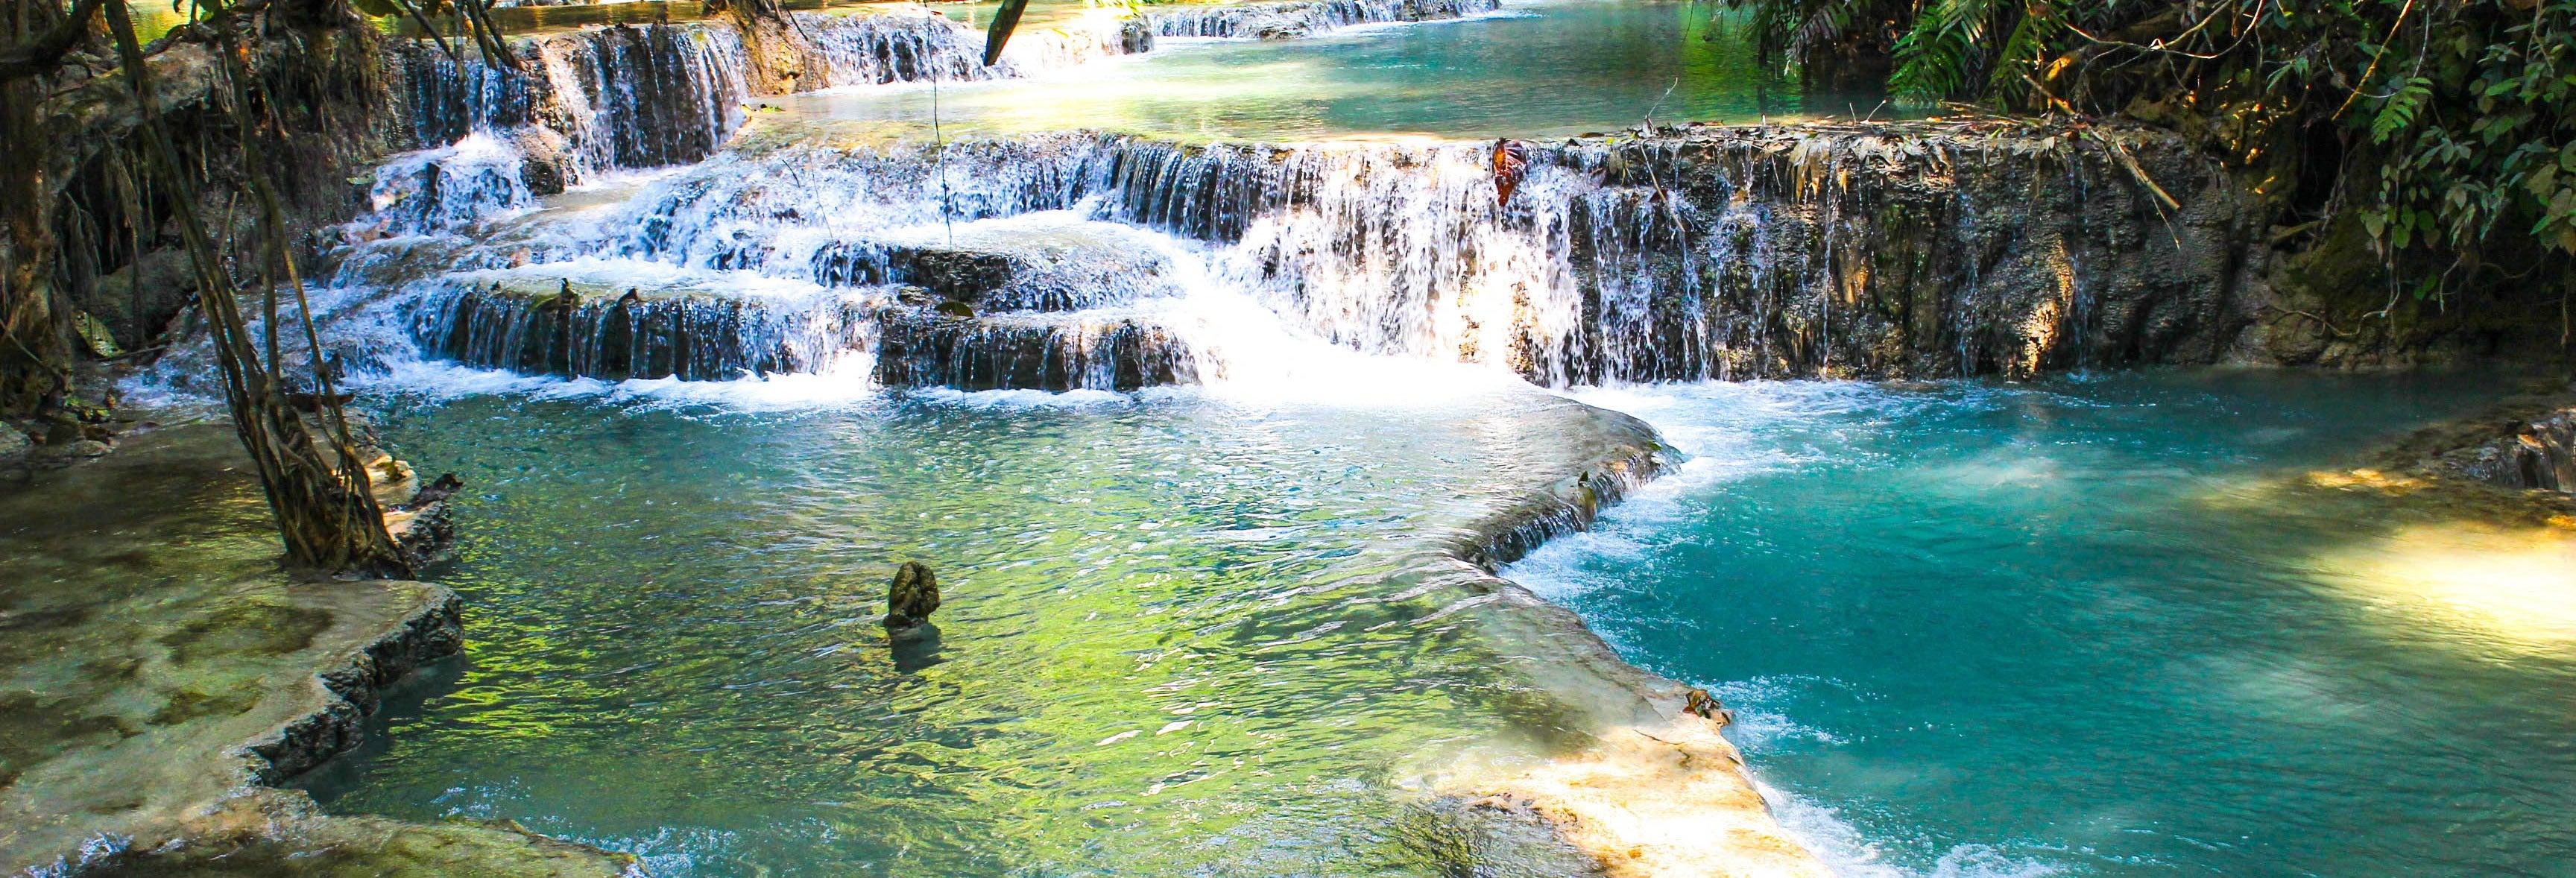 Excursão às cataratas Kuang Si por conta própria